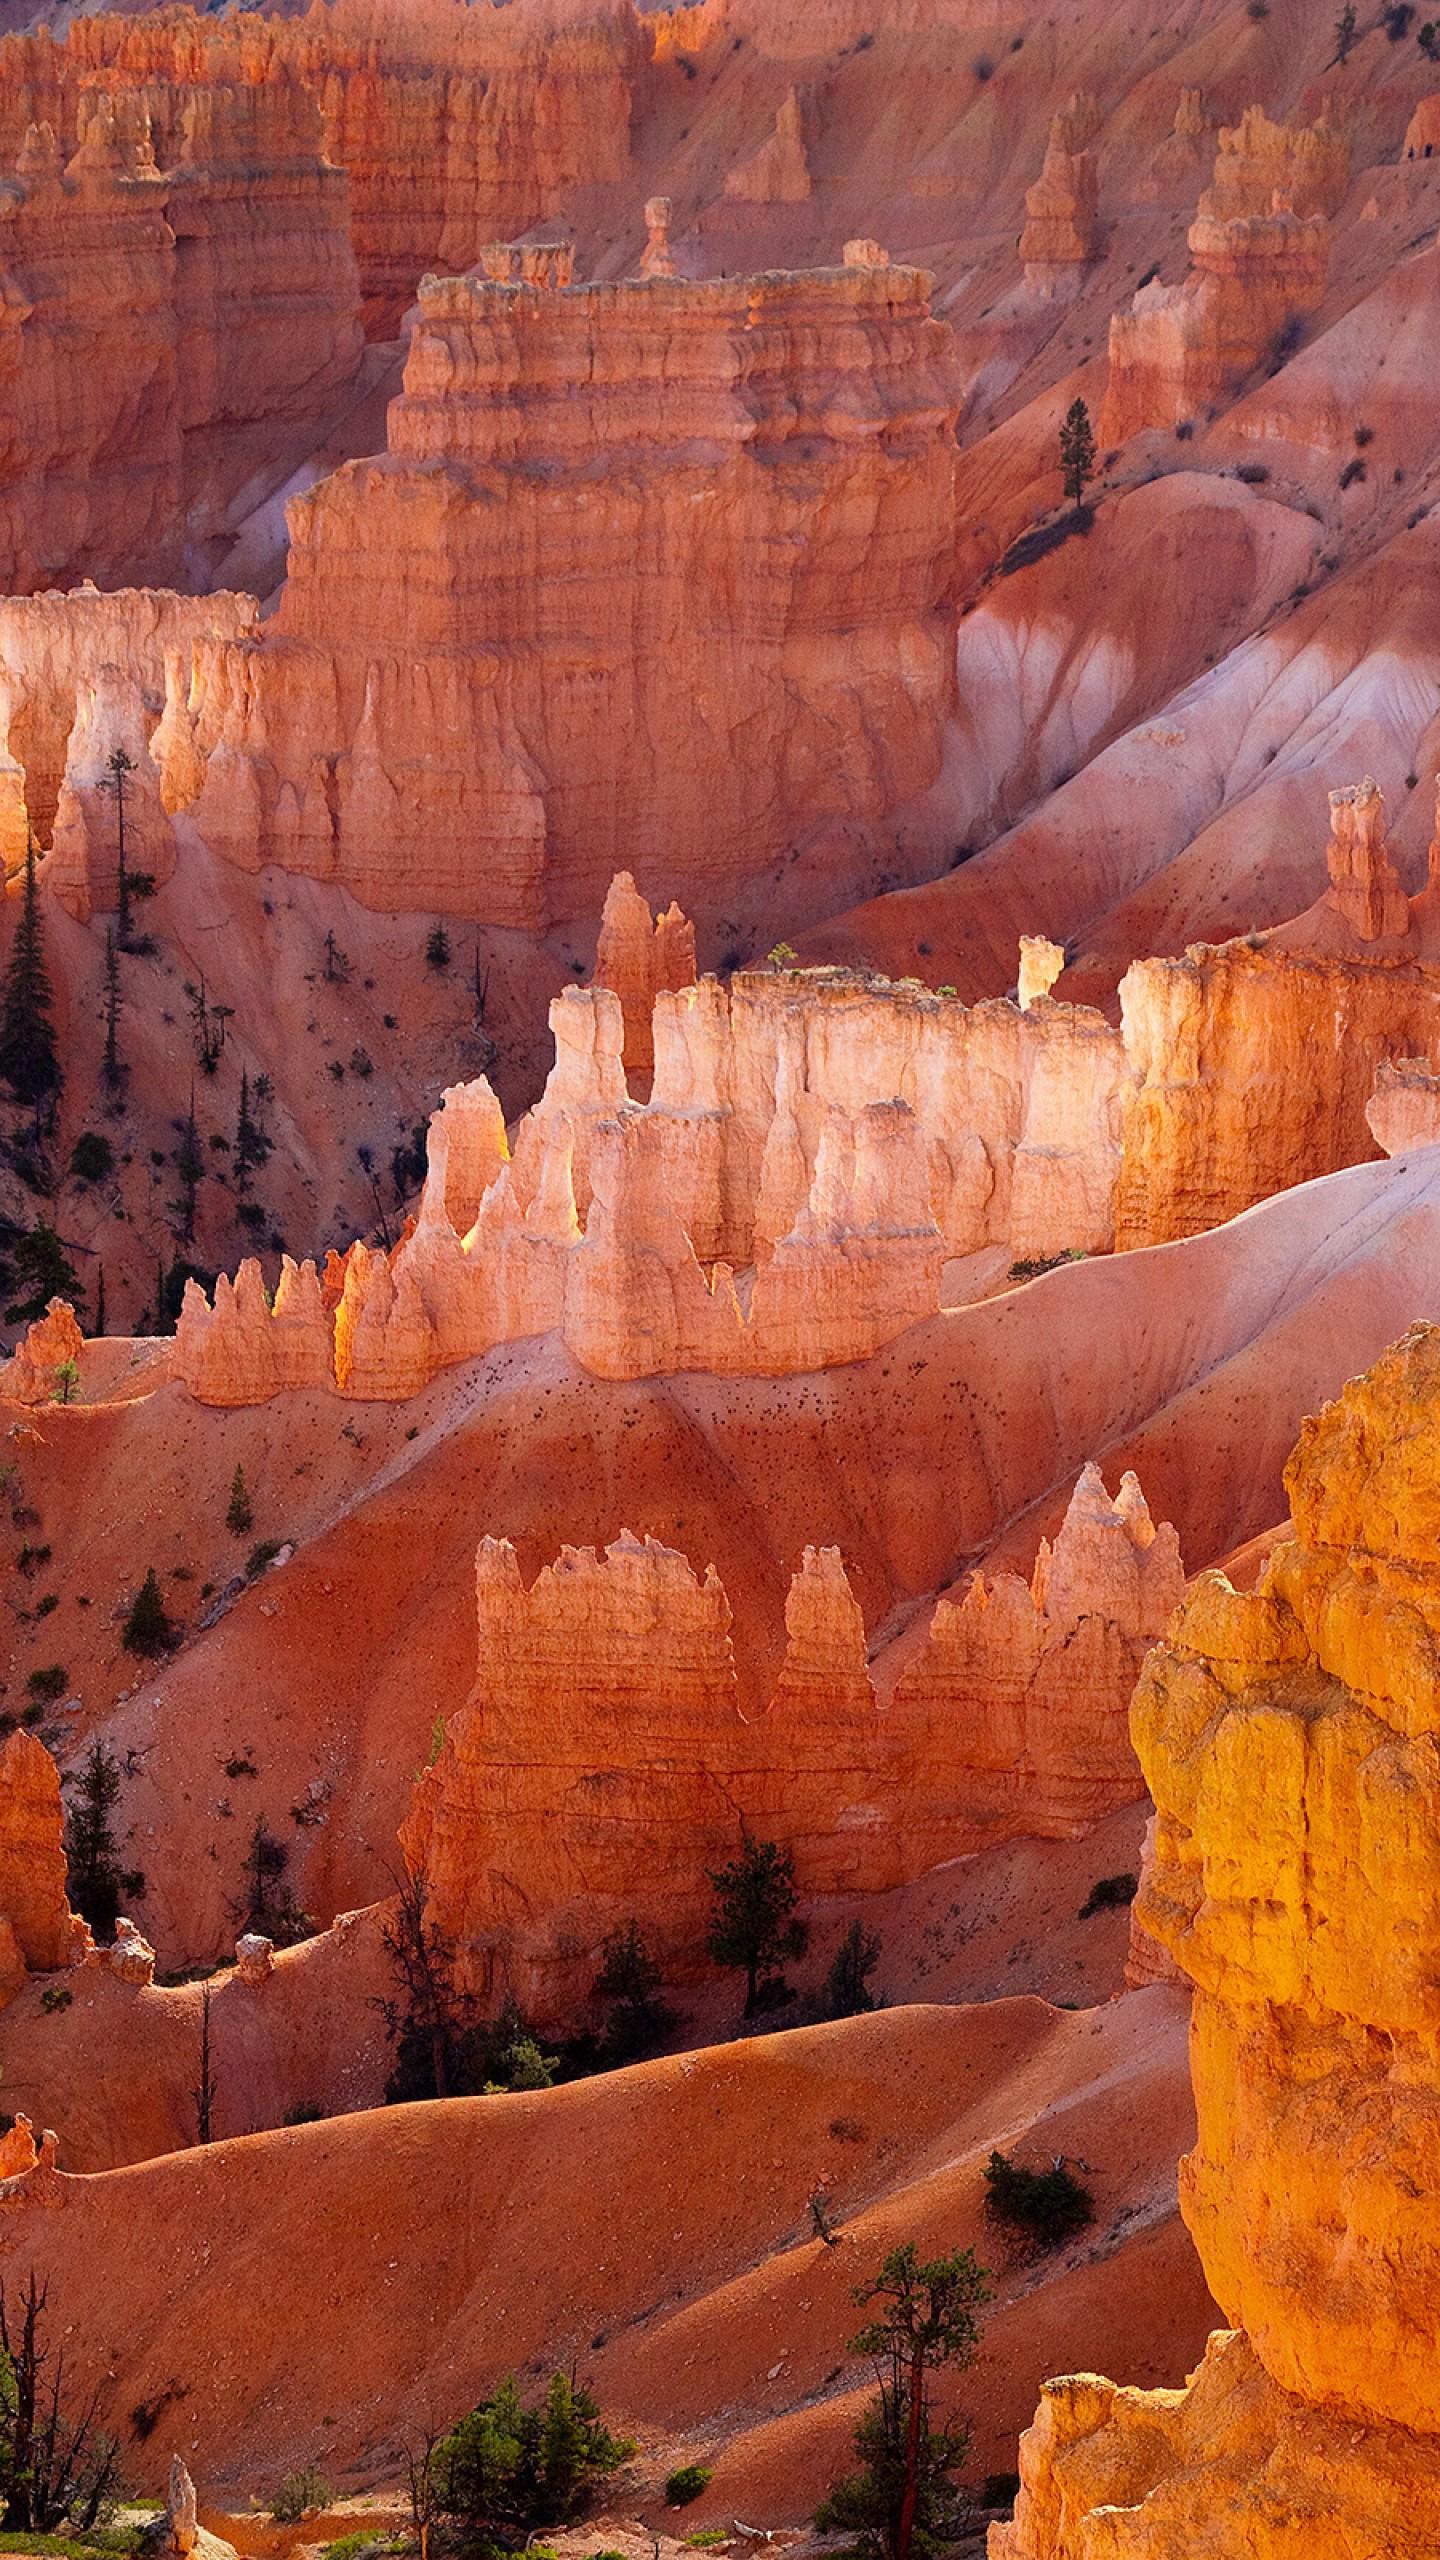 عکس زمینه پارک ملی بریس کانیون یوتا پس زمینه